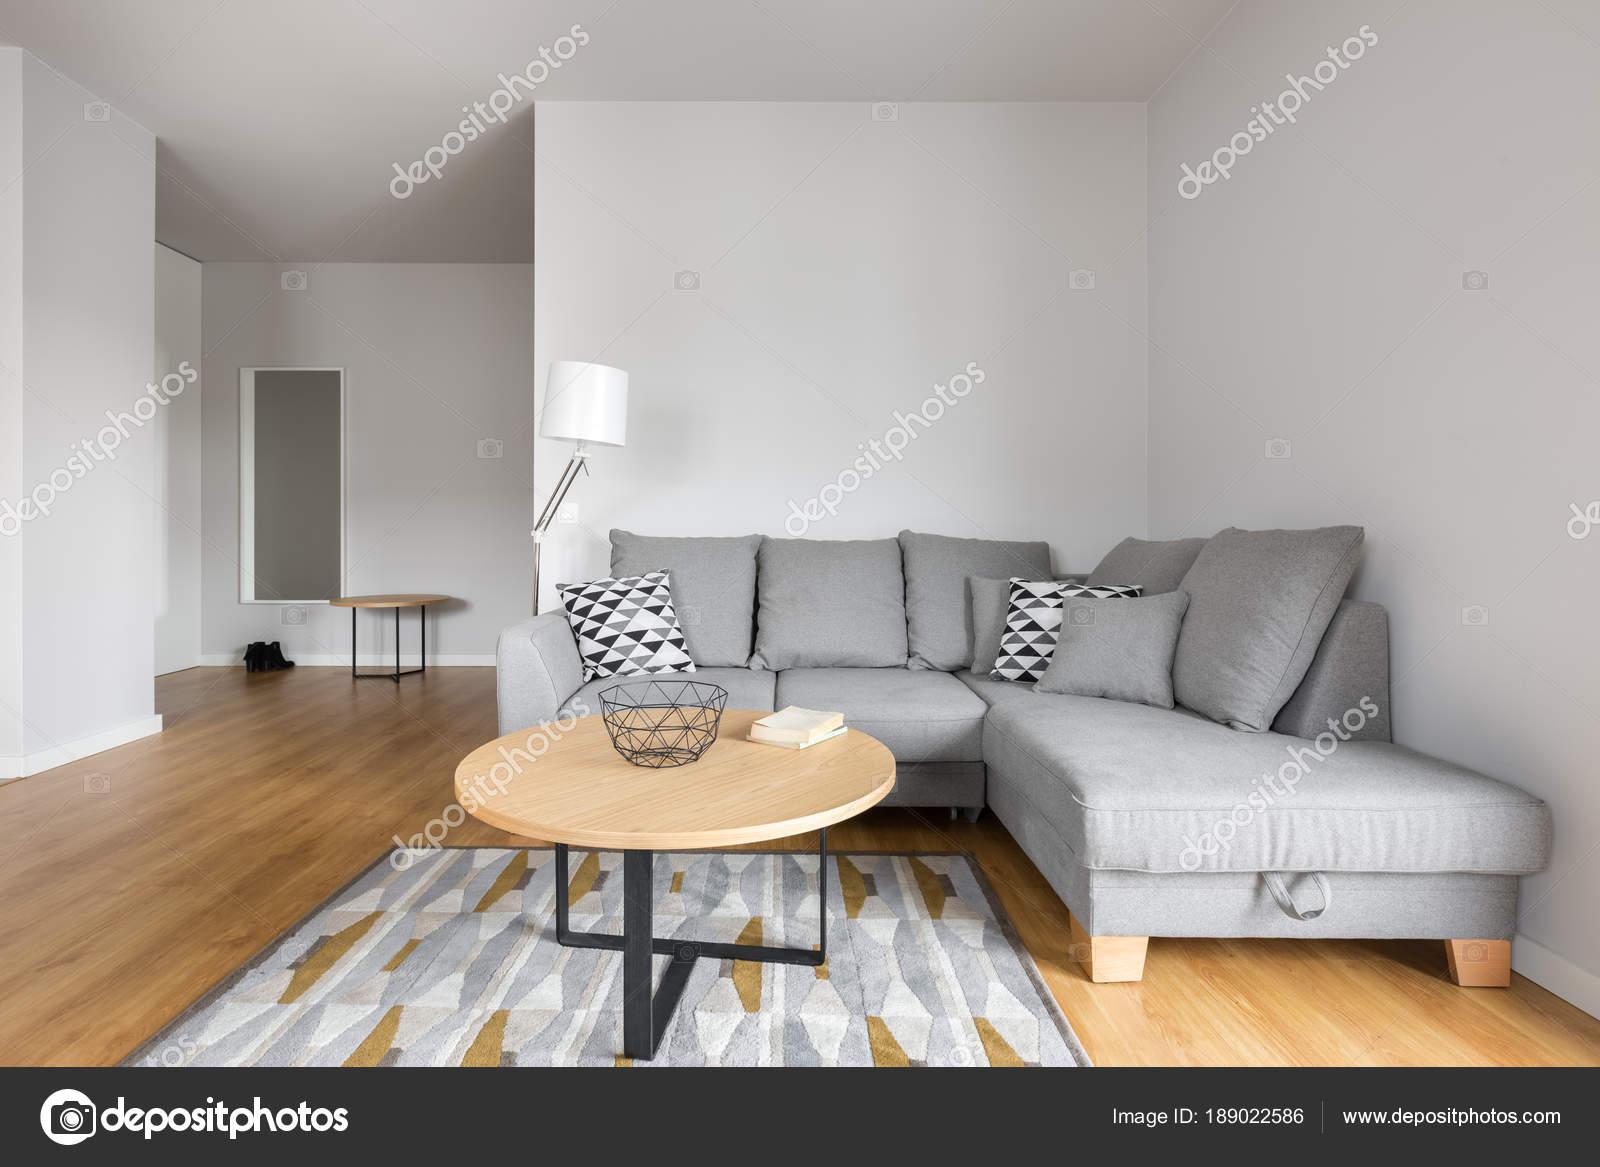 soggiorno con divano grigio — Foto Stock © in4mal #189022586